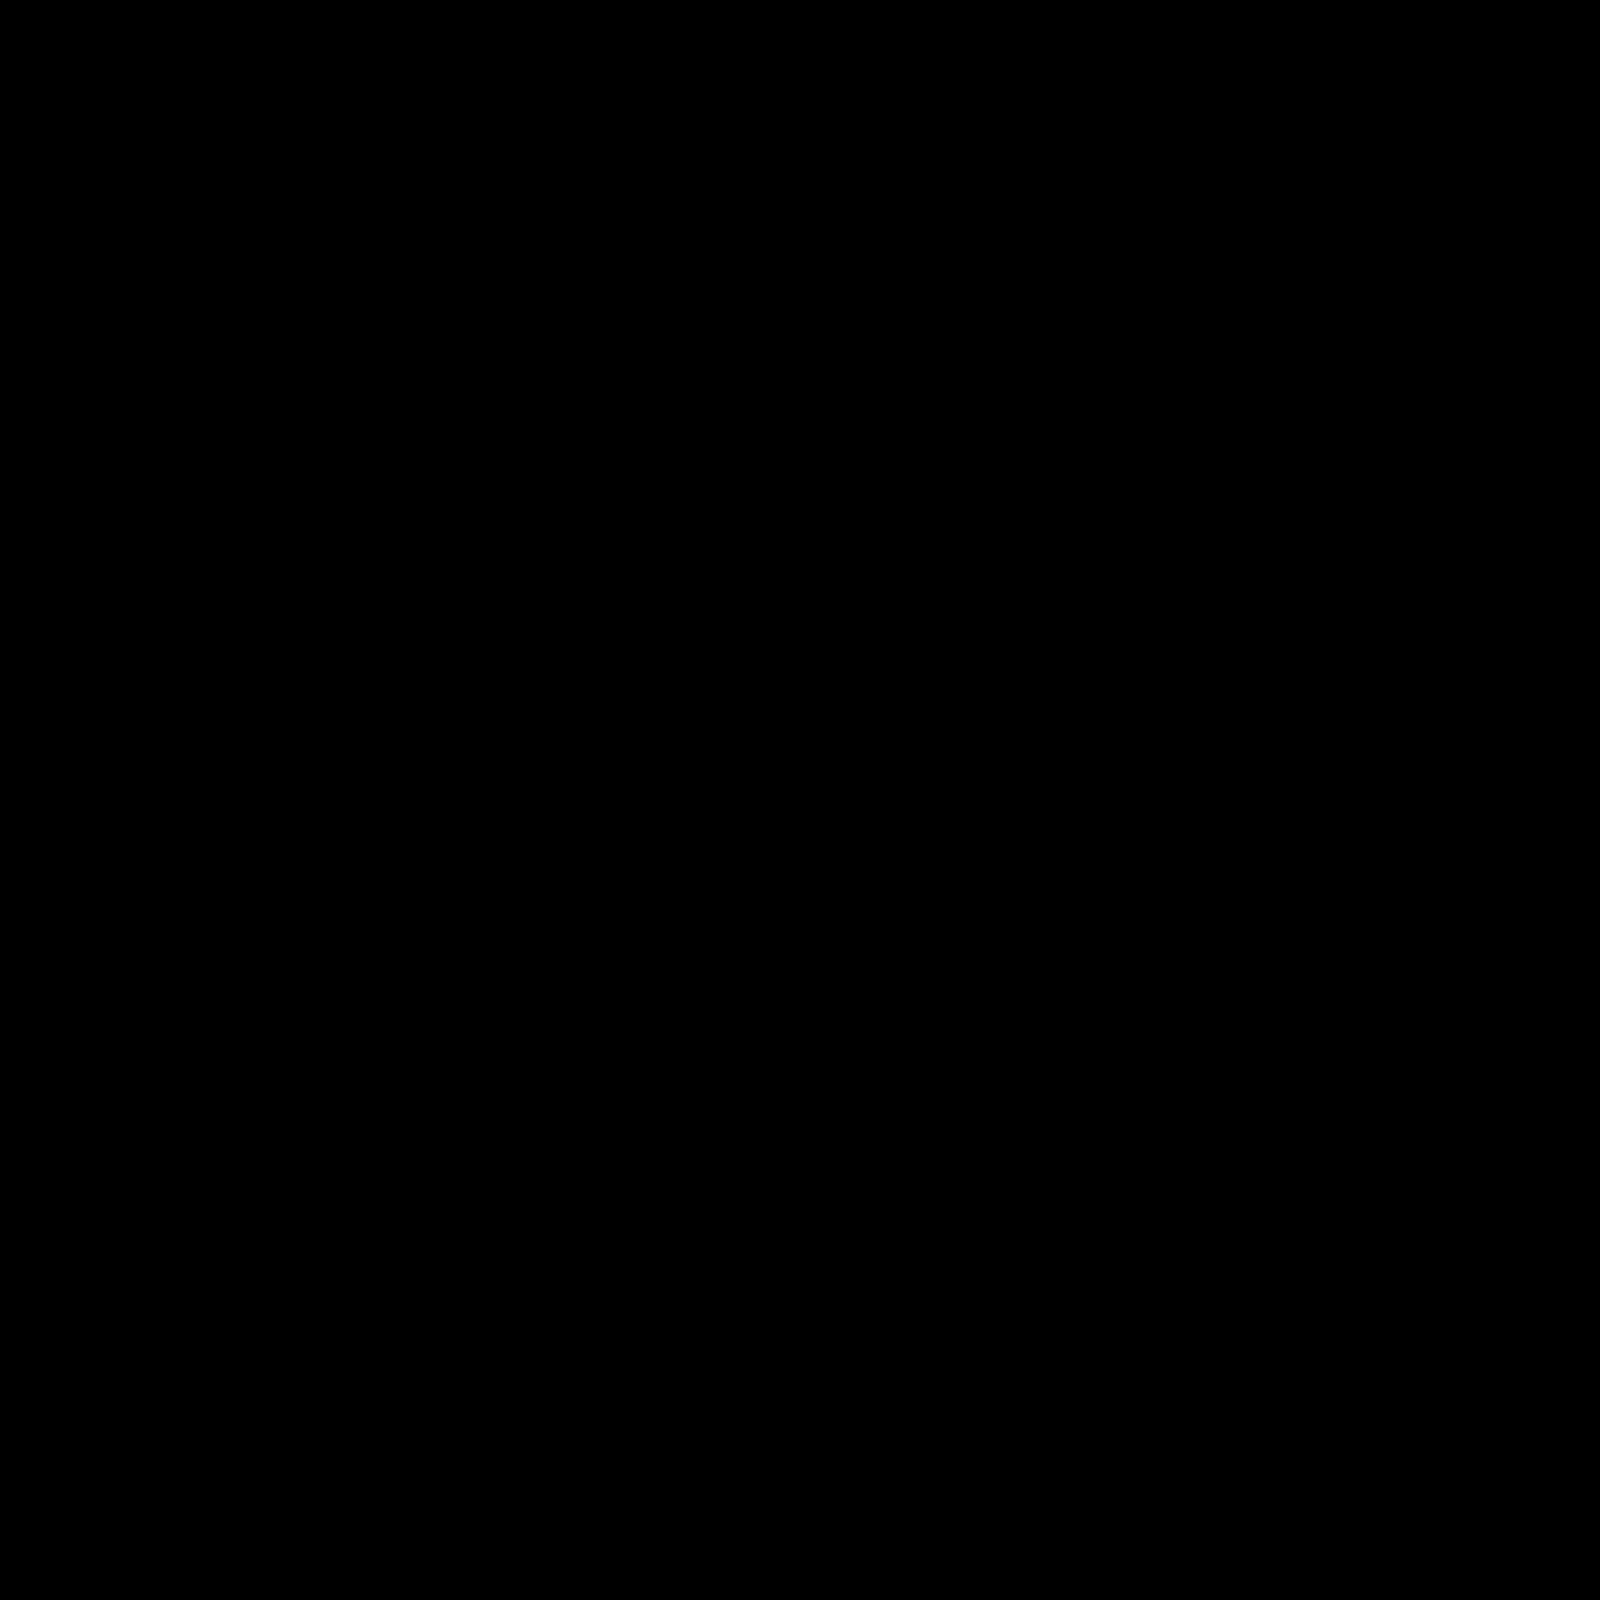 Mobile Suit Gundam icon